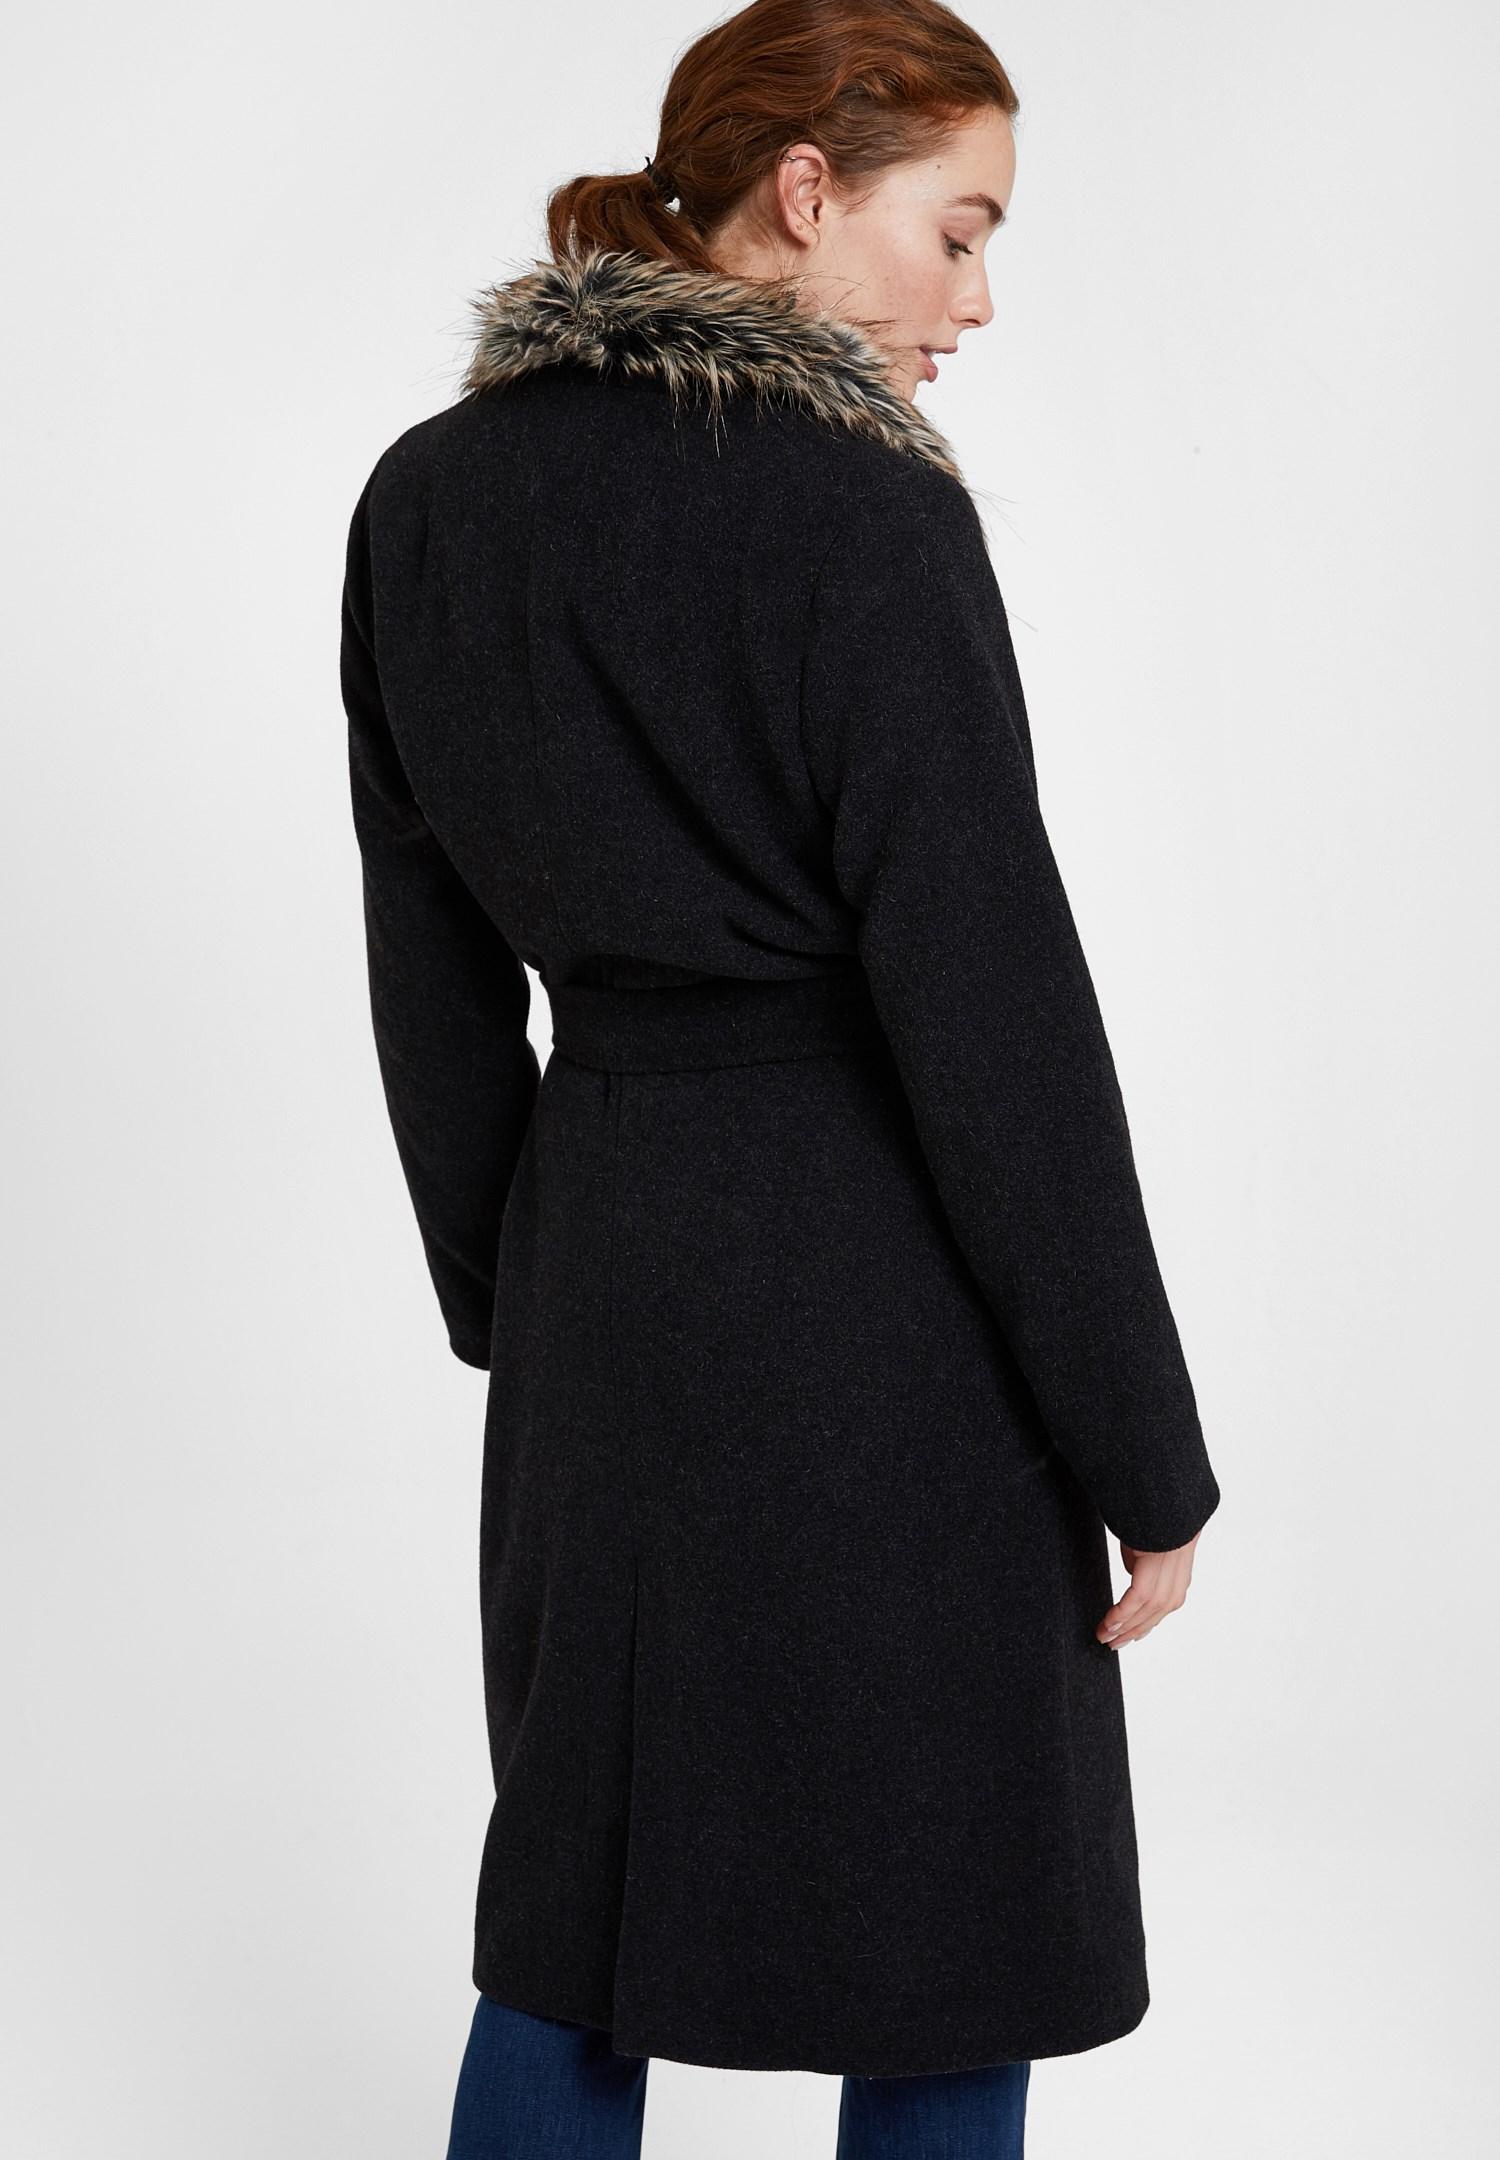 Bayan Siyah Kürk Yakalı Kemerli Uzun Kaban